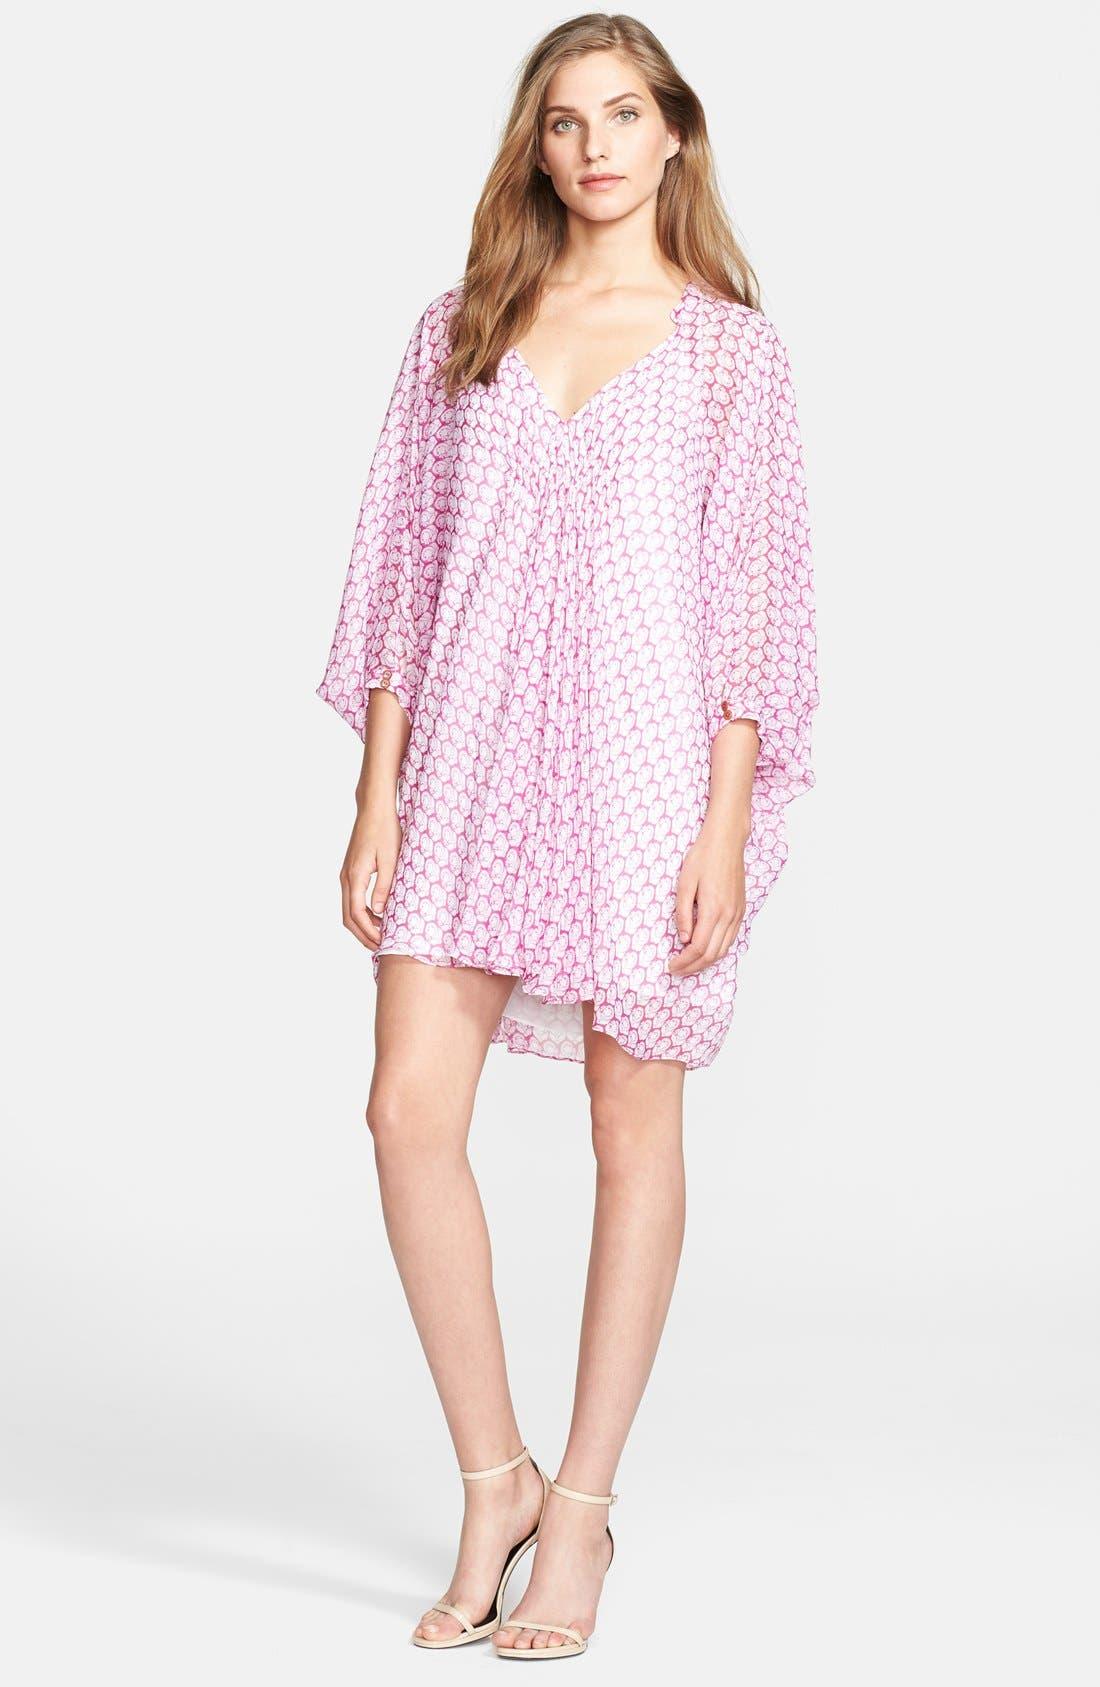 Main Image - Diane von Furstenberg 'Fleurette' Stretch Silk Tunic Dress